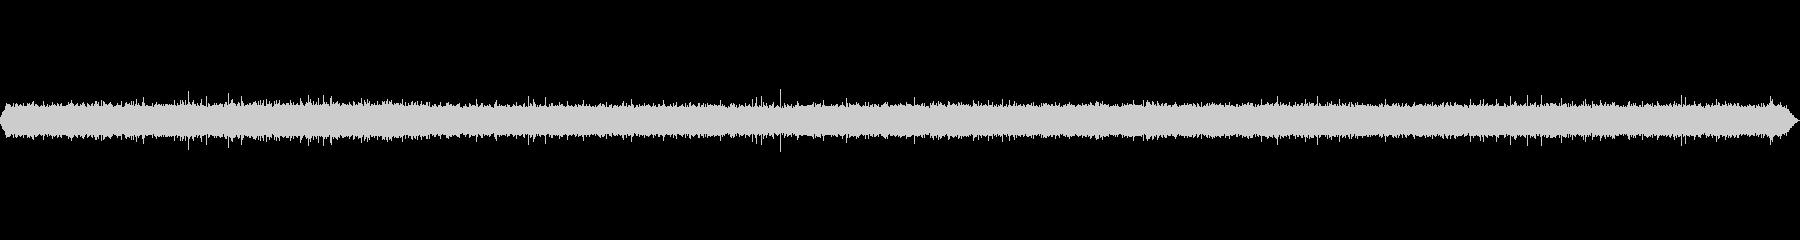 滝音~小さめの滝 2 遠めから【生録音】の未再生の波形